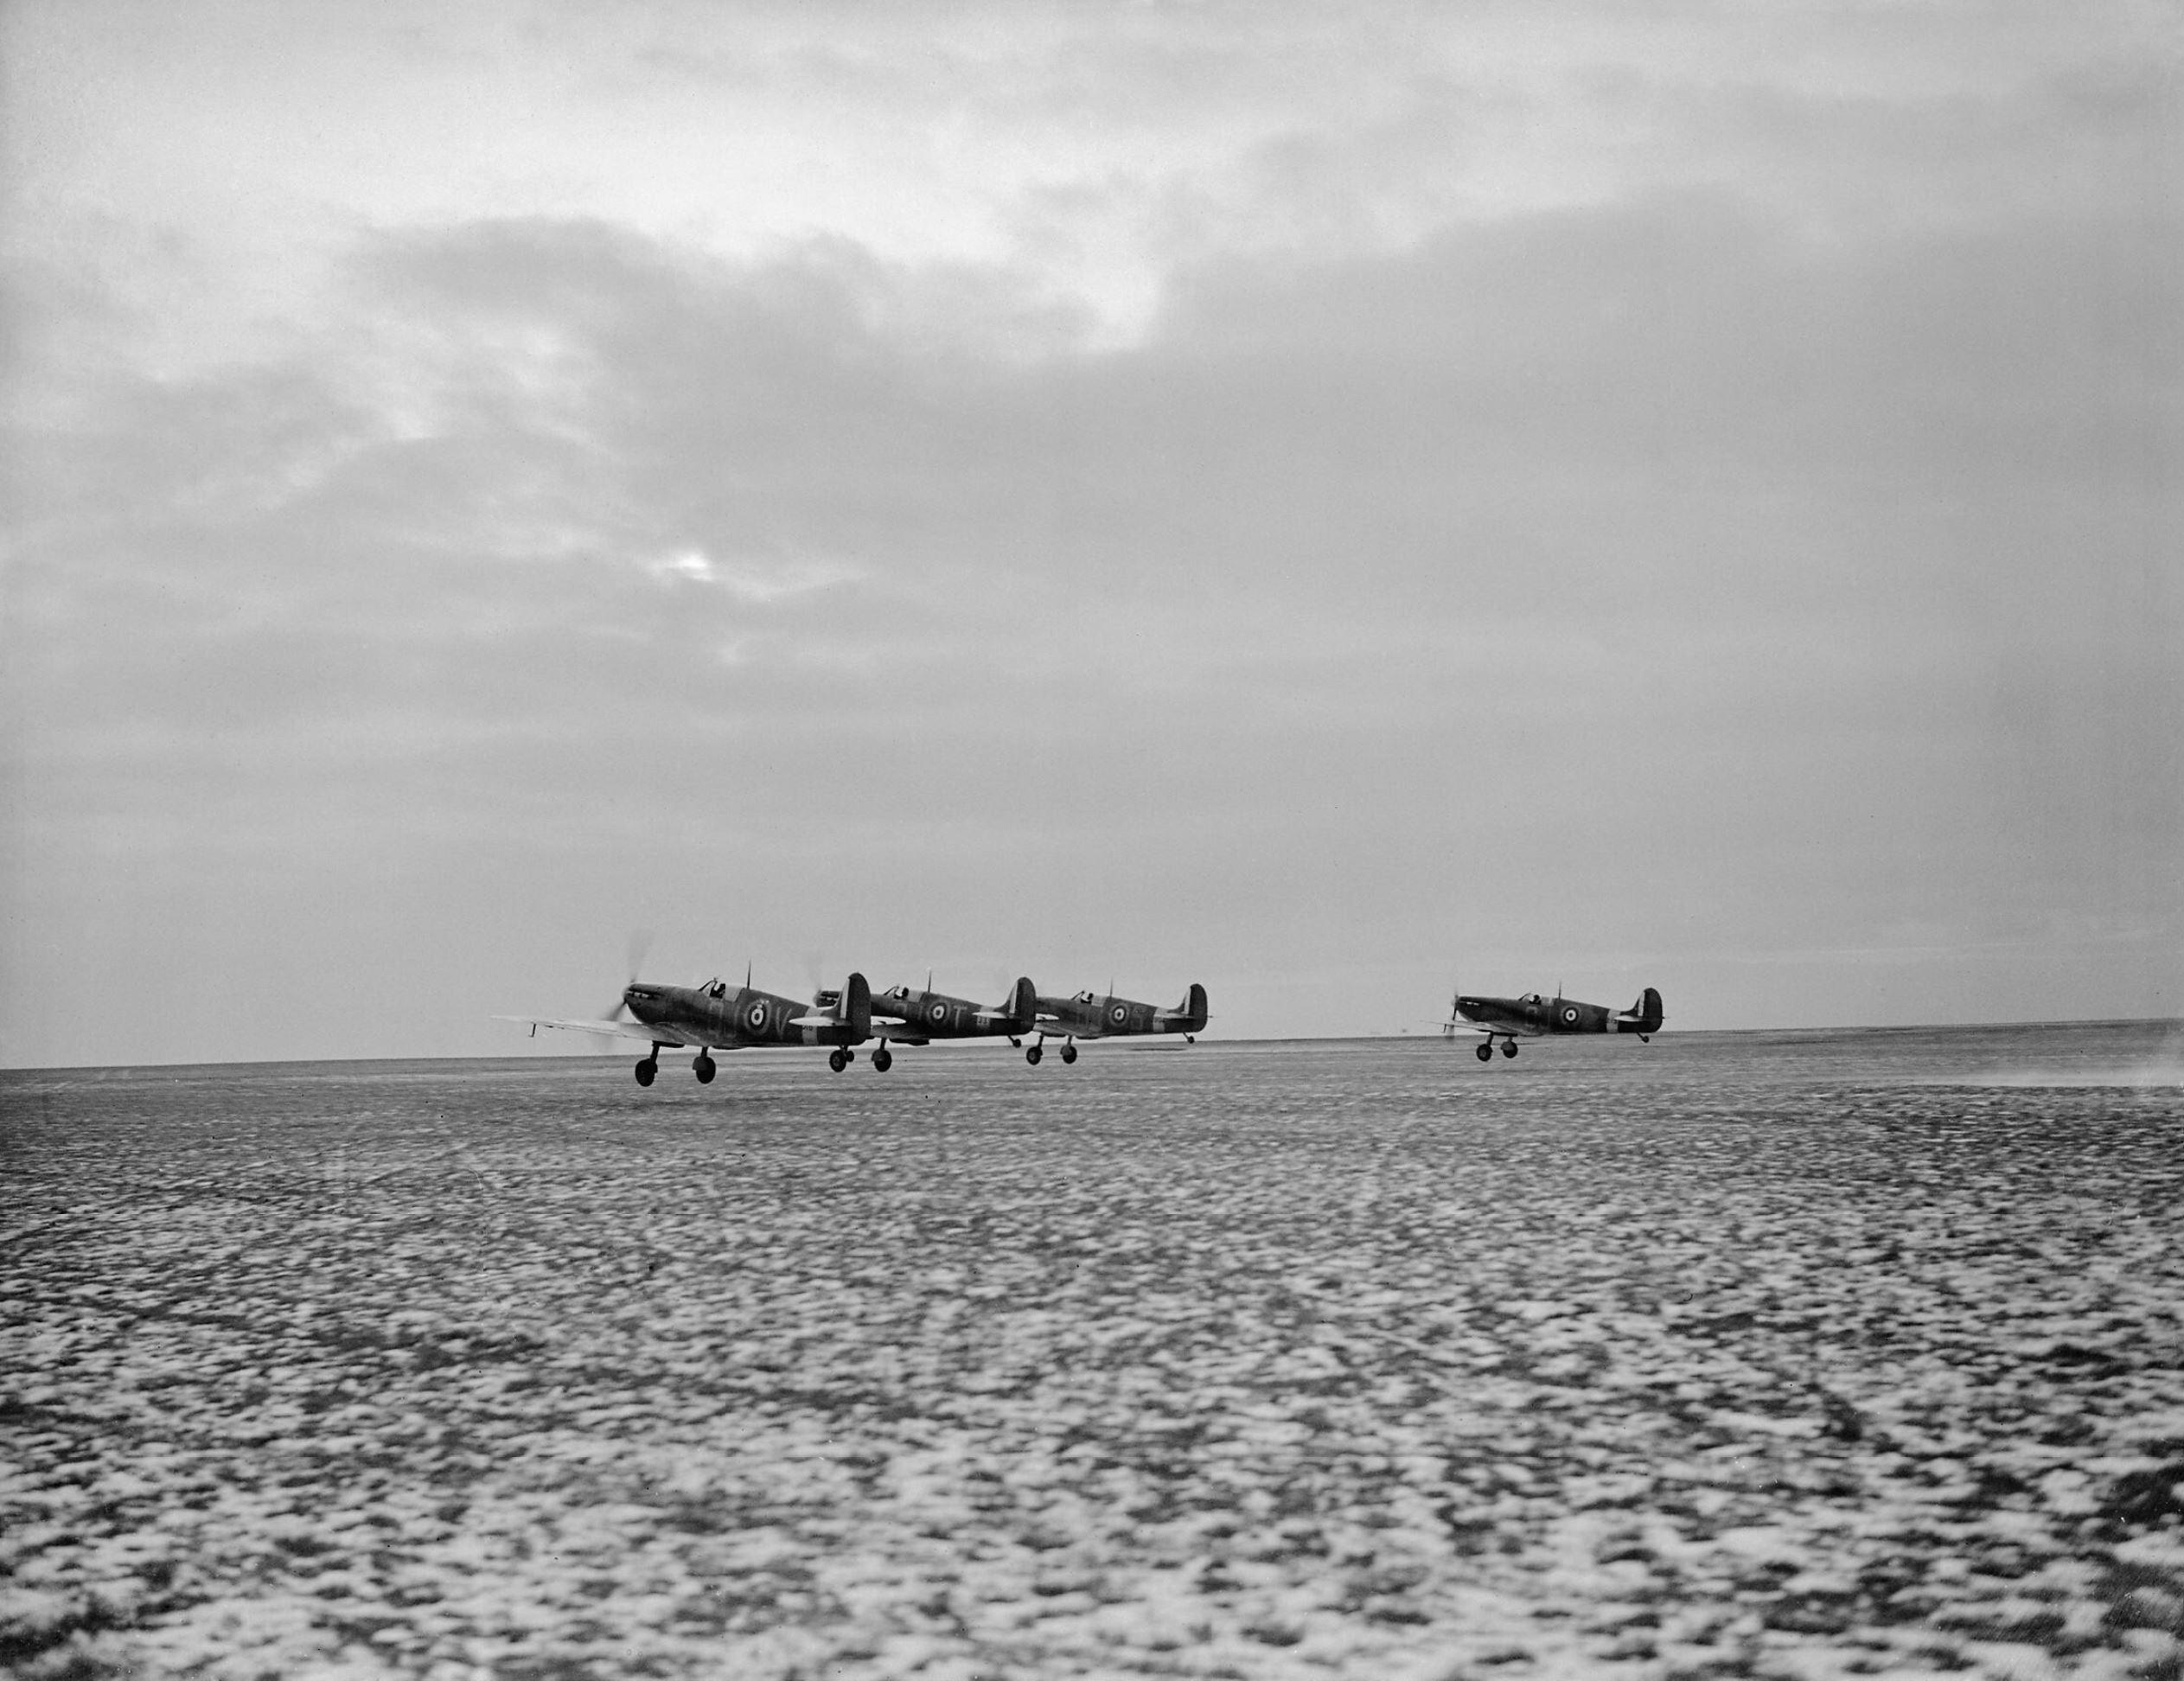 Spitfire Ia RAF 92Sqn QJV QJT QJS QJ taking off from Manston Kent IWM CH2537